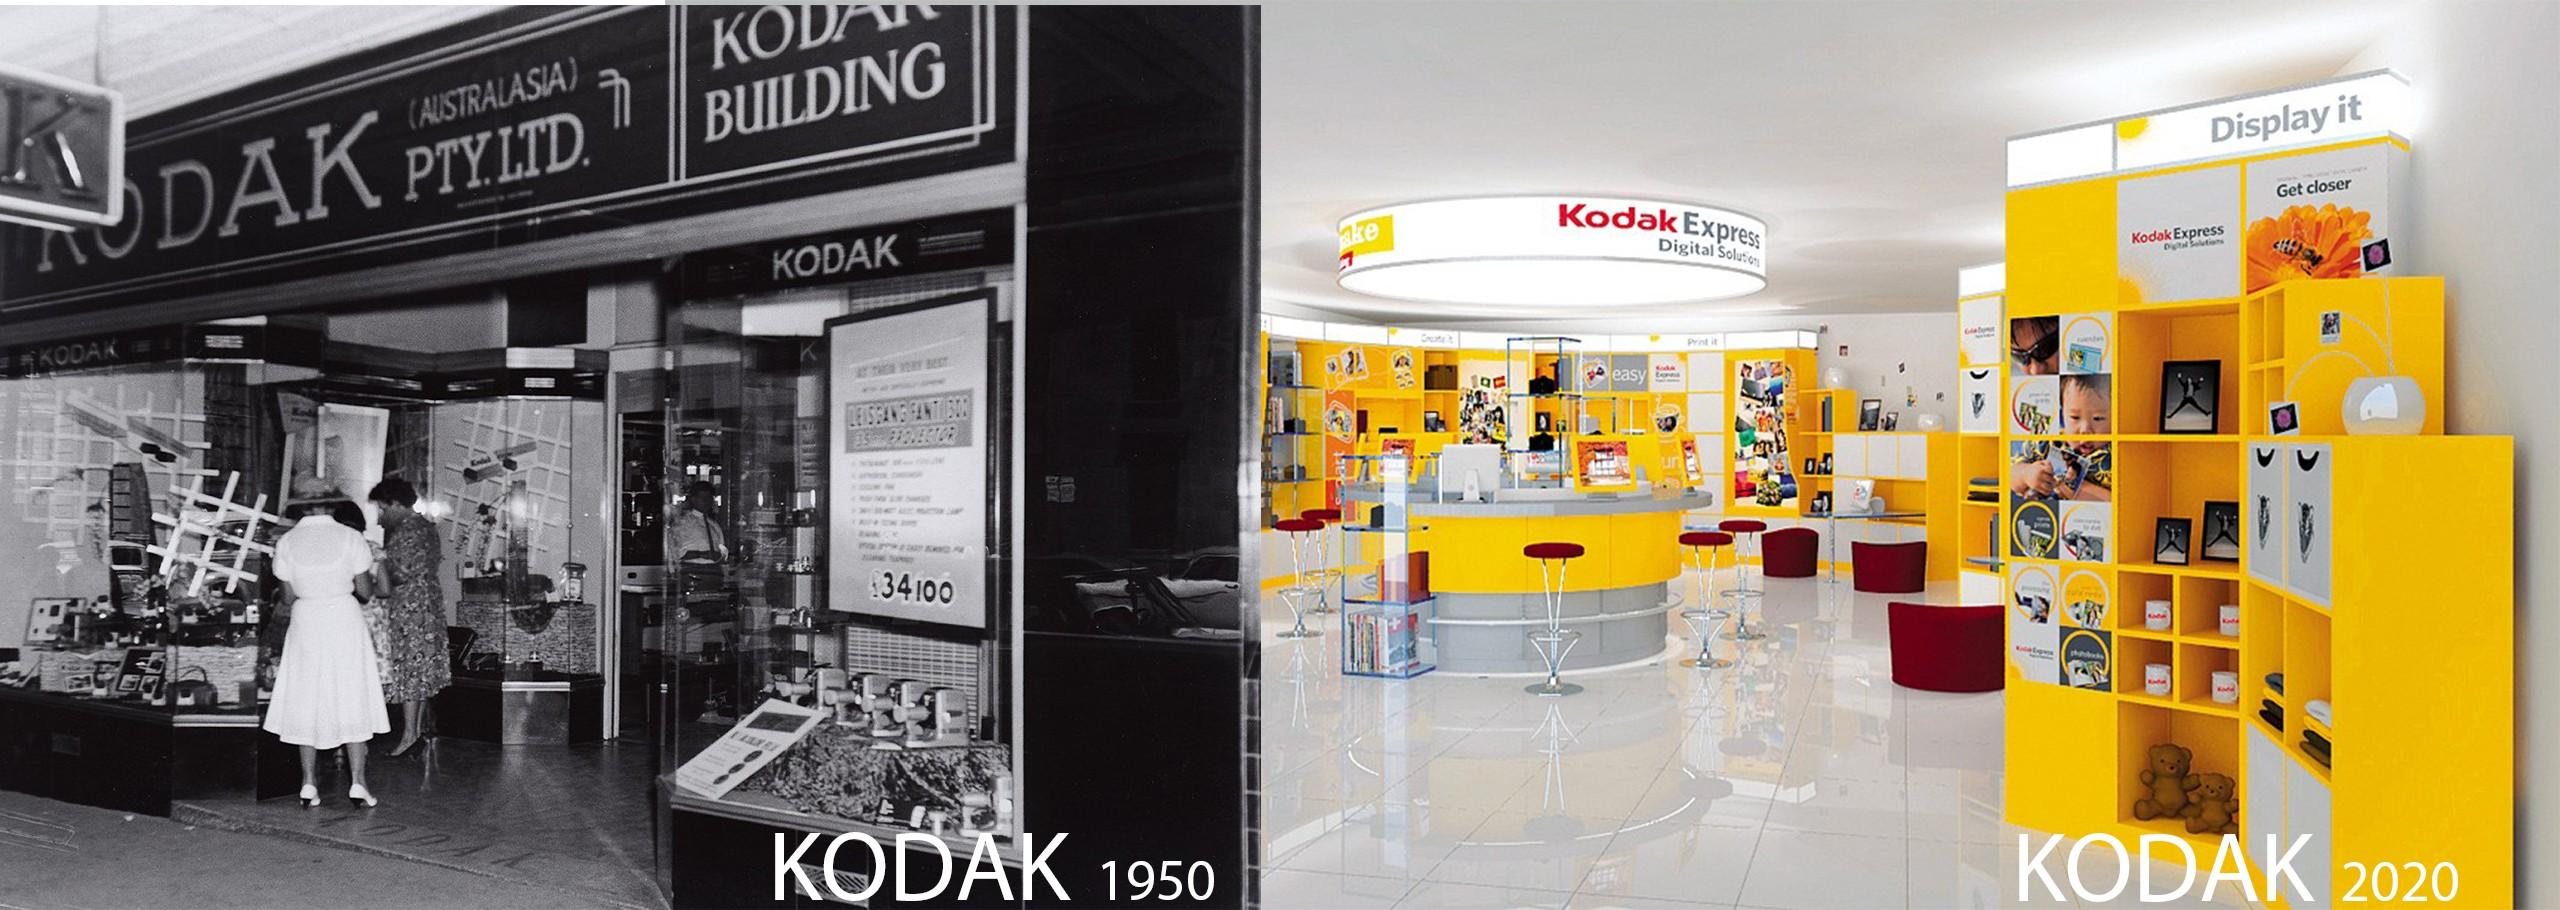 Дизайн магазина Kodak в прошлом и сейчас